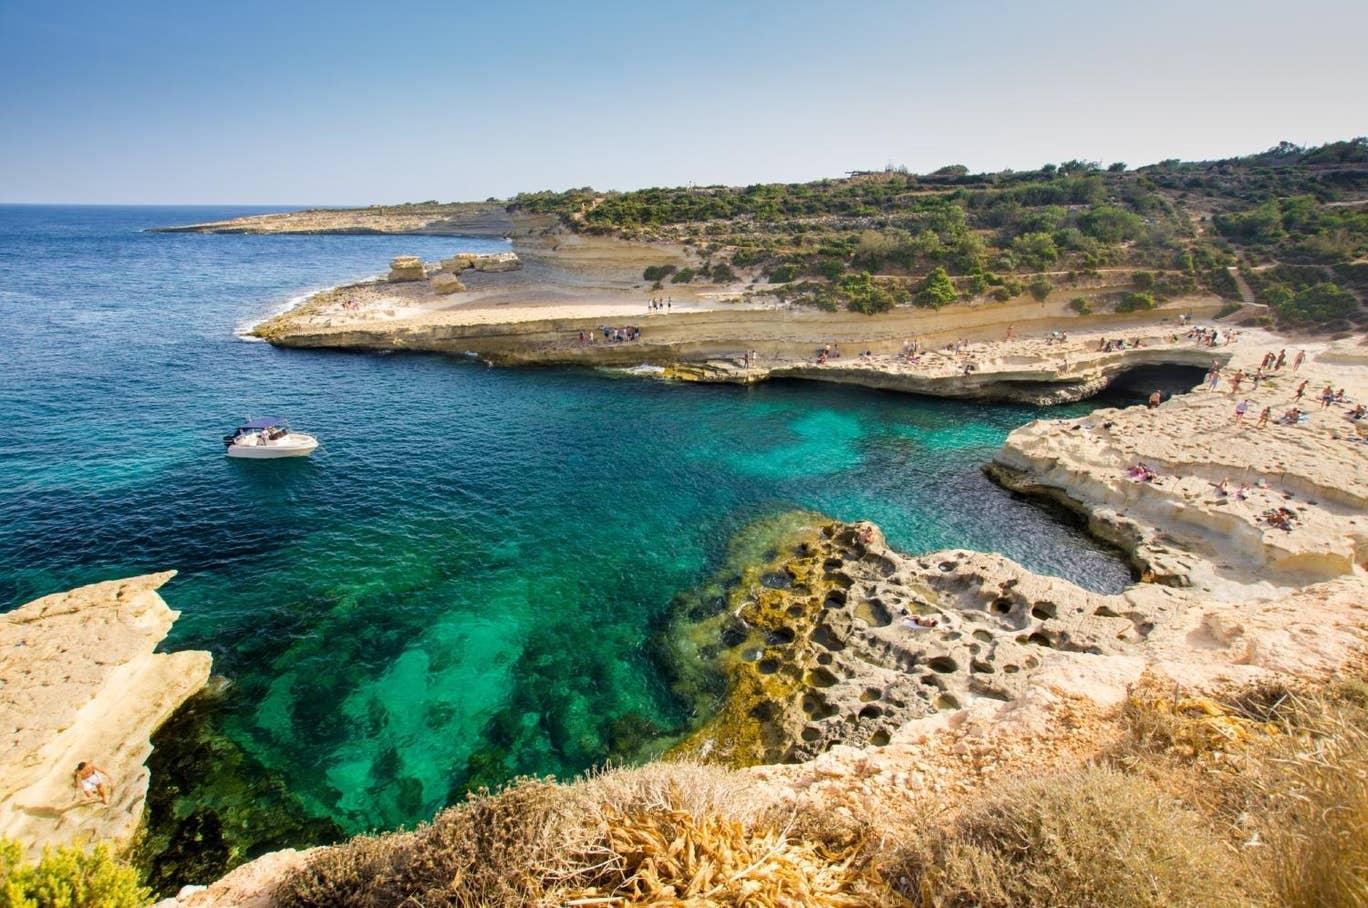 بالصور| 10 أفضل الأماكن في العالم للسباحة في البرية